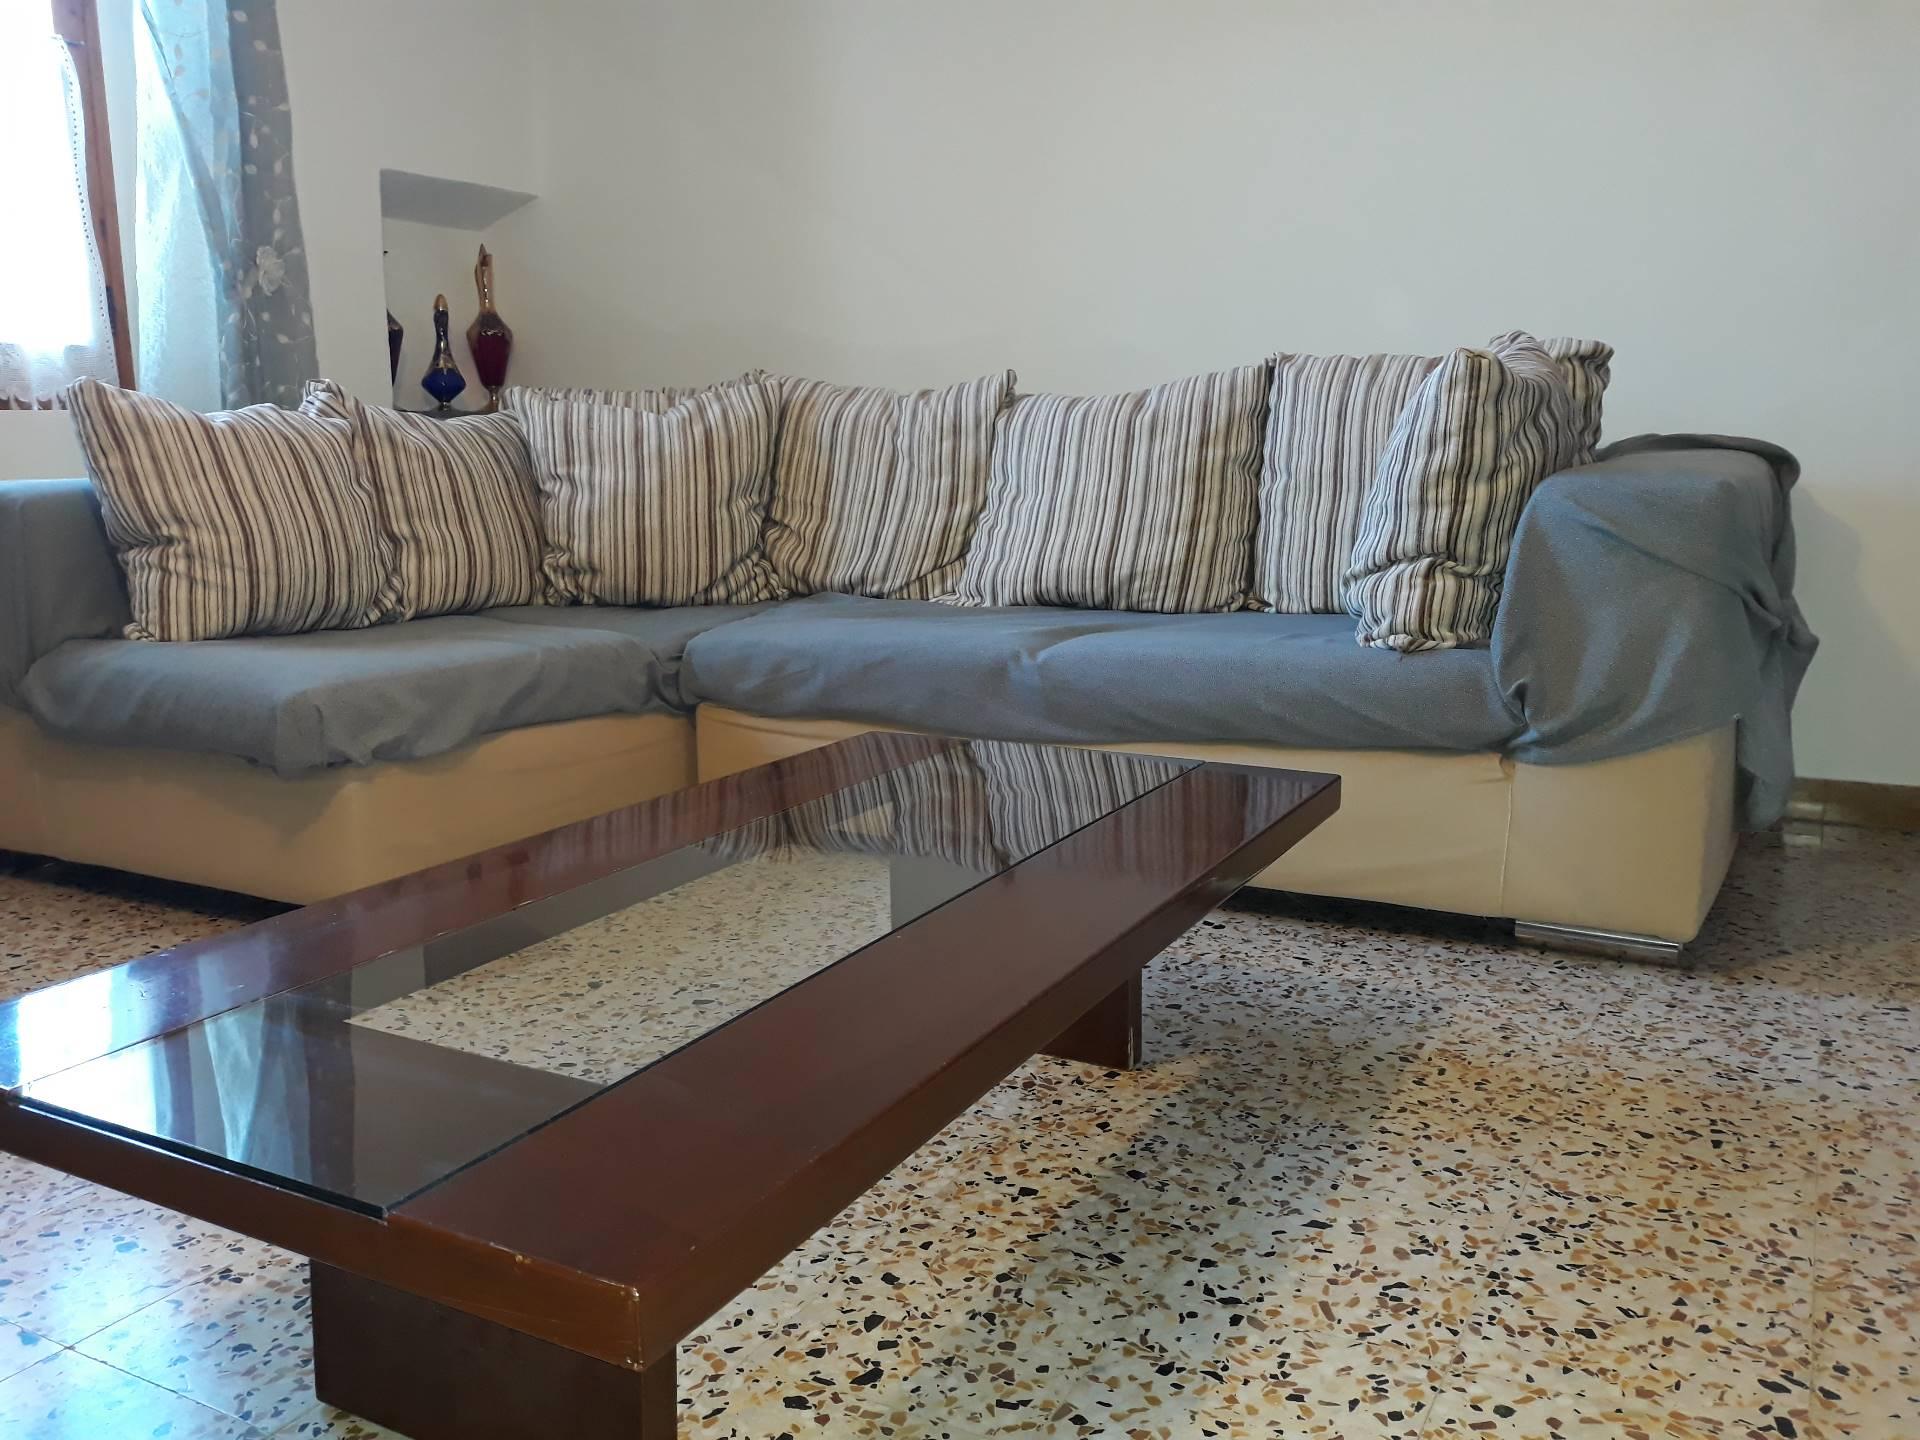 Appartamento in vendita a Empoli, 5 locali, zona Zona: Casenuove, prezzo € 130.000 | CambioCasa.it